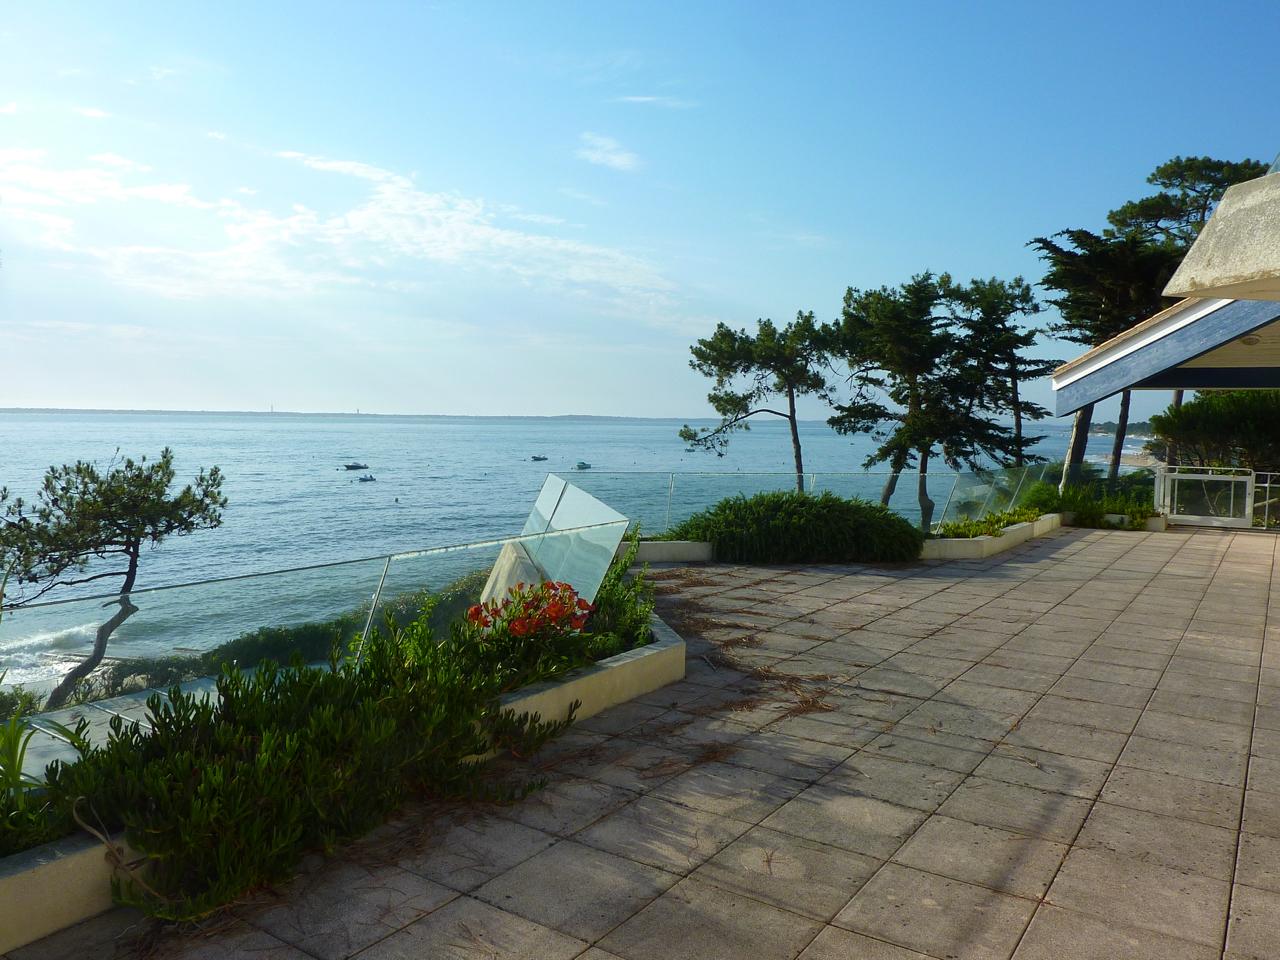 pyla sur mer villa premi re ligne avec piscine vue panoramique sur la mer barnes bassin d 39 arcachon. Black Bedroom Furniture Sets. Home Design Ideas